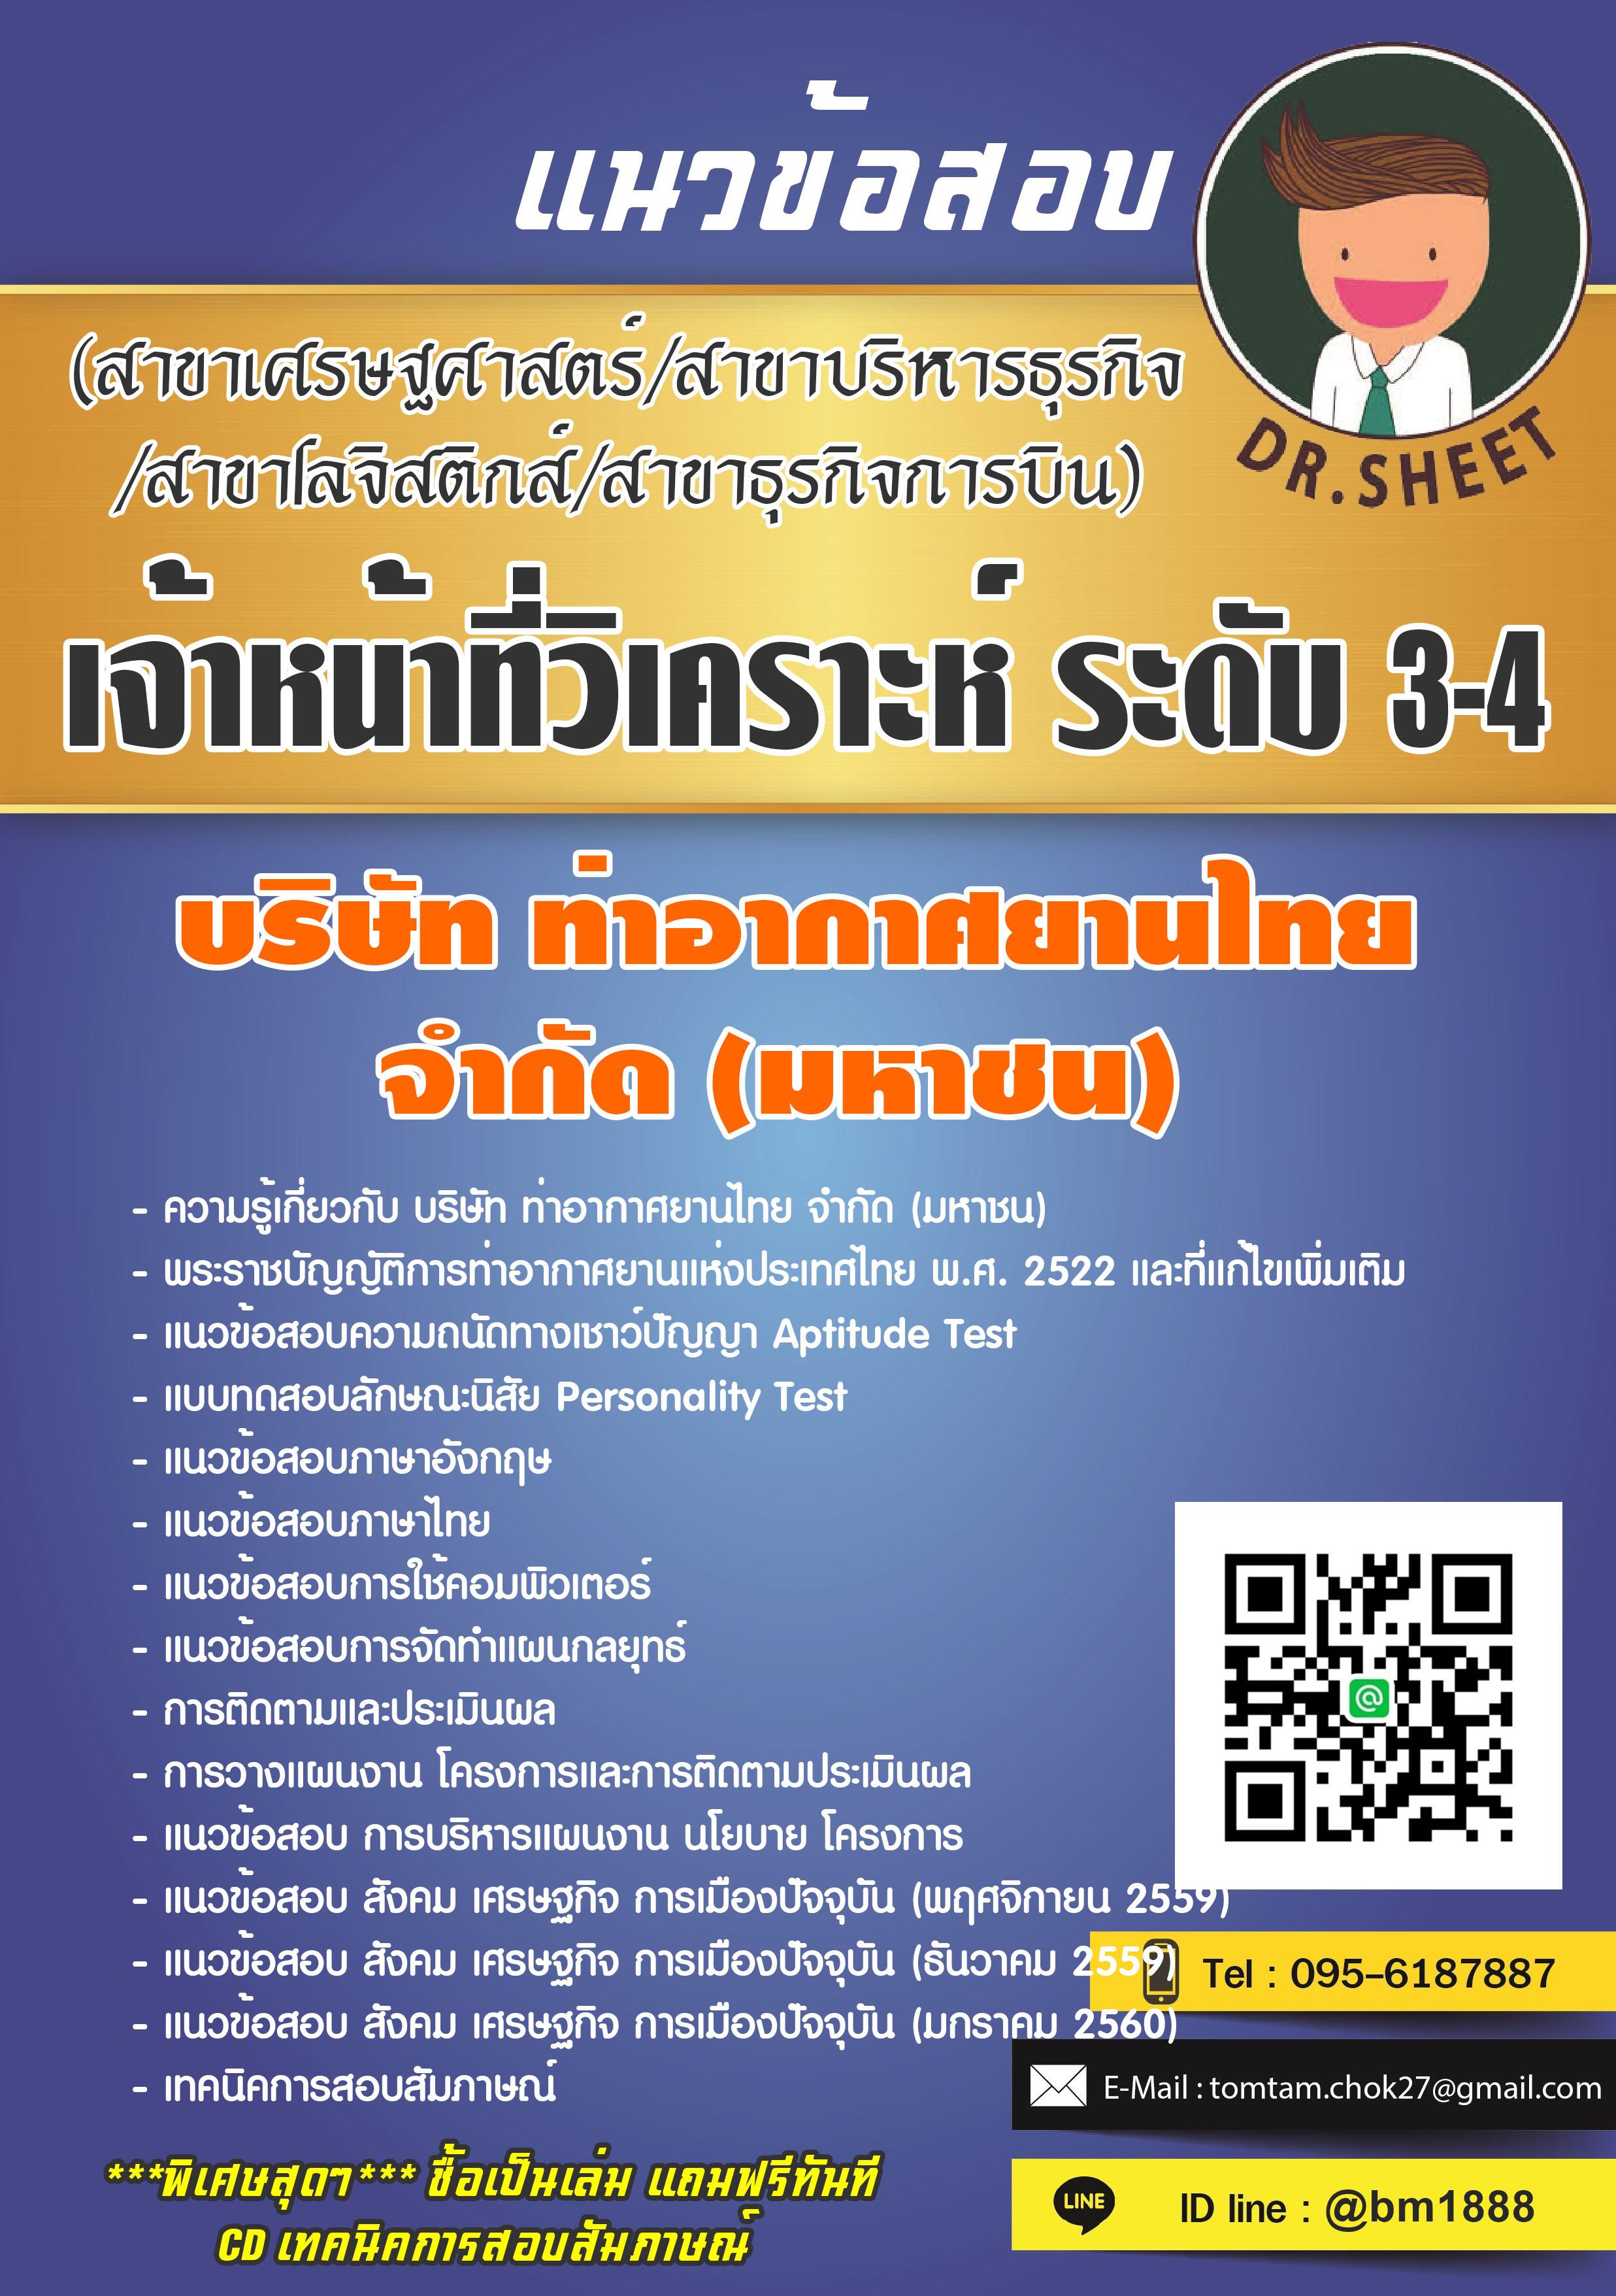 แนวข้อสอบ เจ้าหน้าที่วิเคราะห์ ระดับ 3-4 (สาขาเศรษฐศาสตร์/สาขาบริหารธุรกิจ/สาขาโลจิสติกส์/สาขาธุรกิจการบิน) บริษัท ท่าอากาศยานไทย จำกัด (มหาชน)